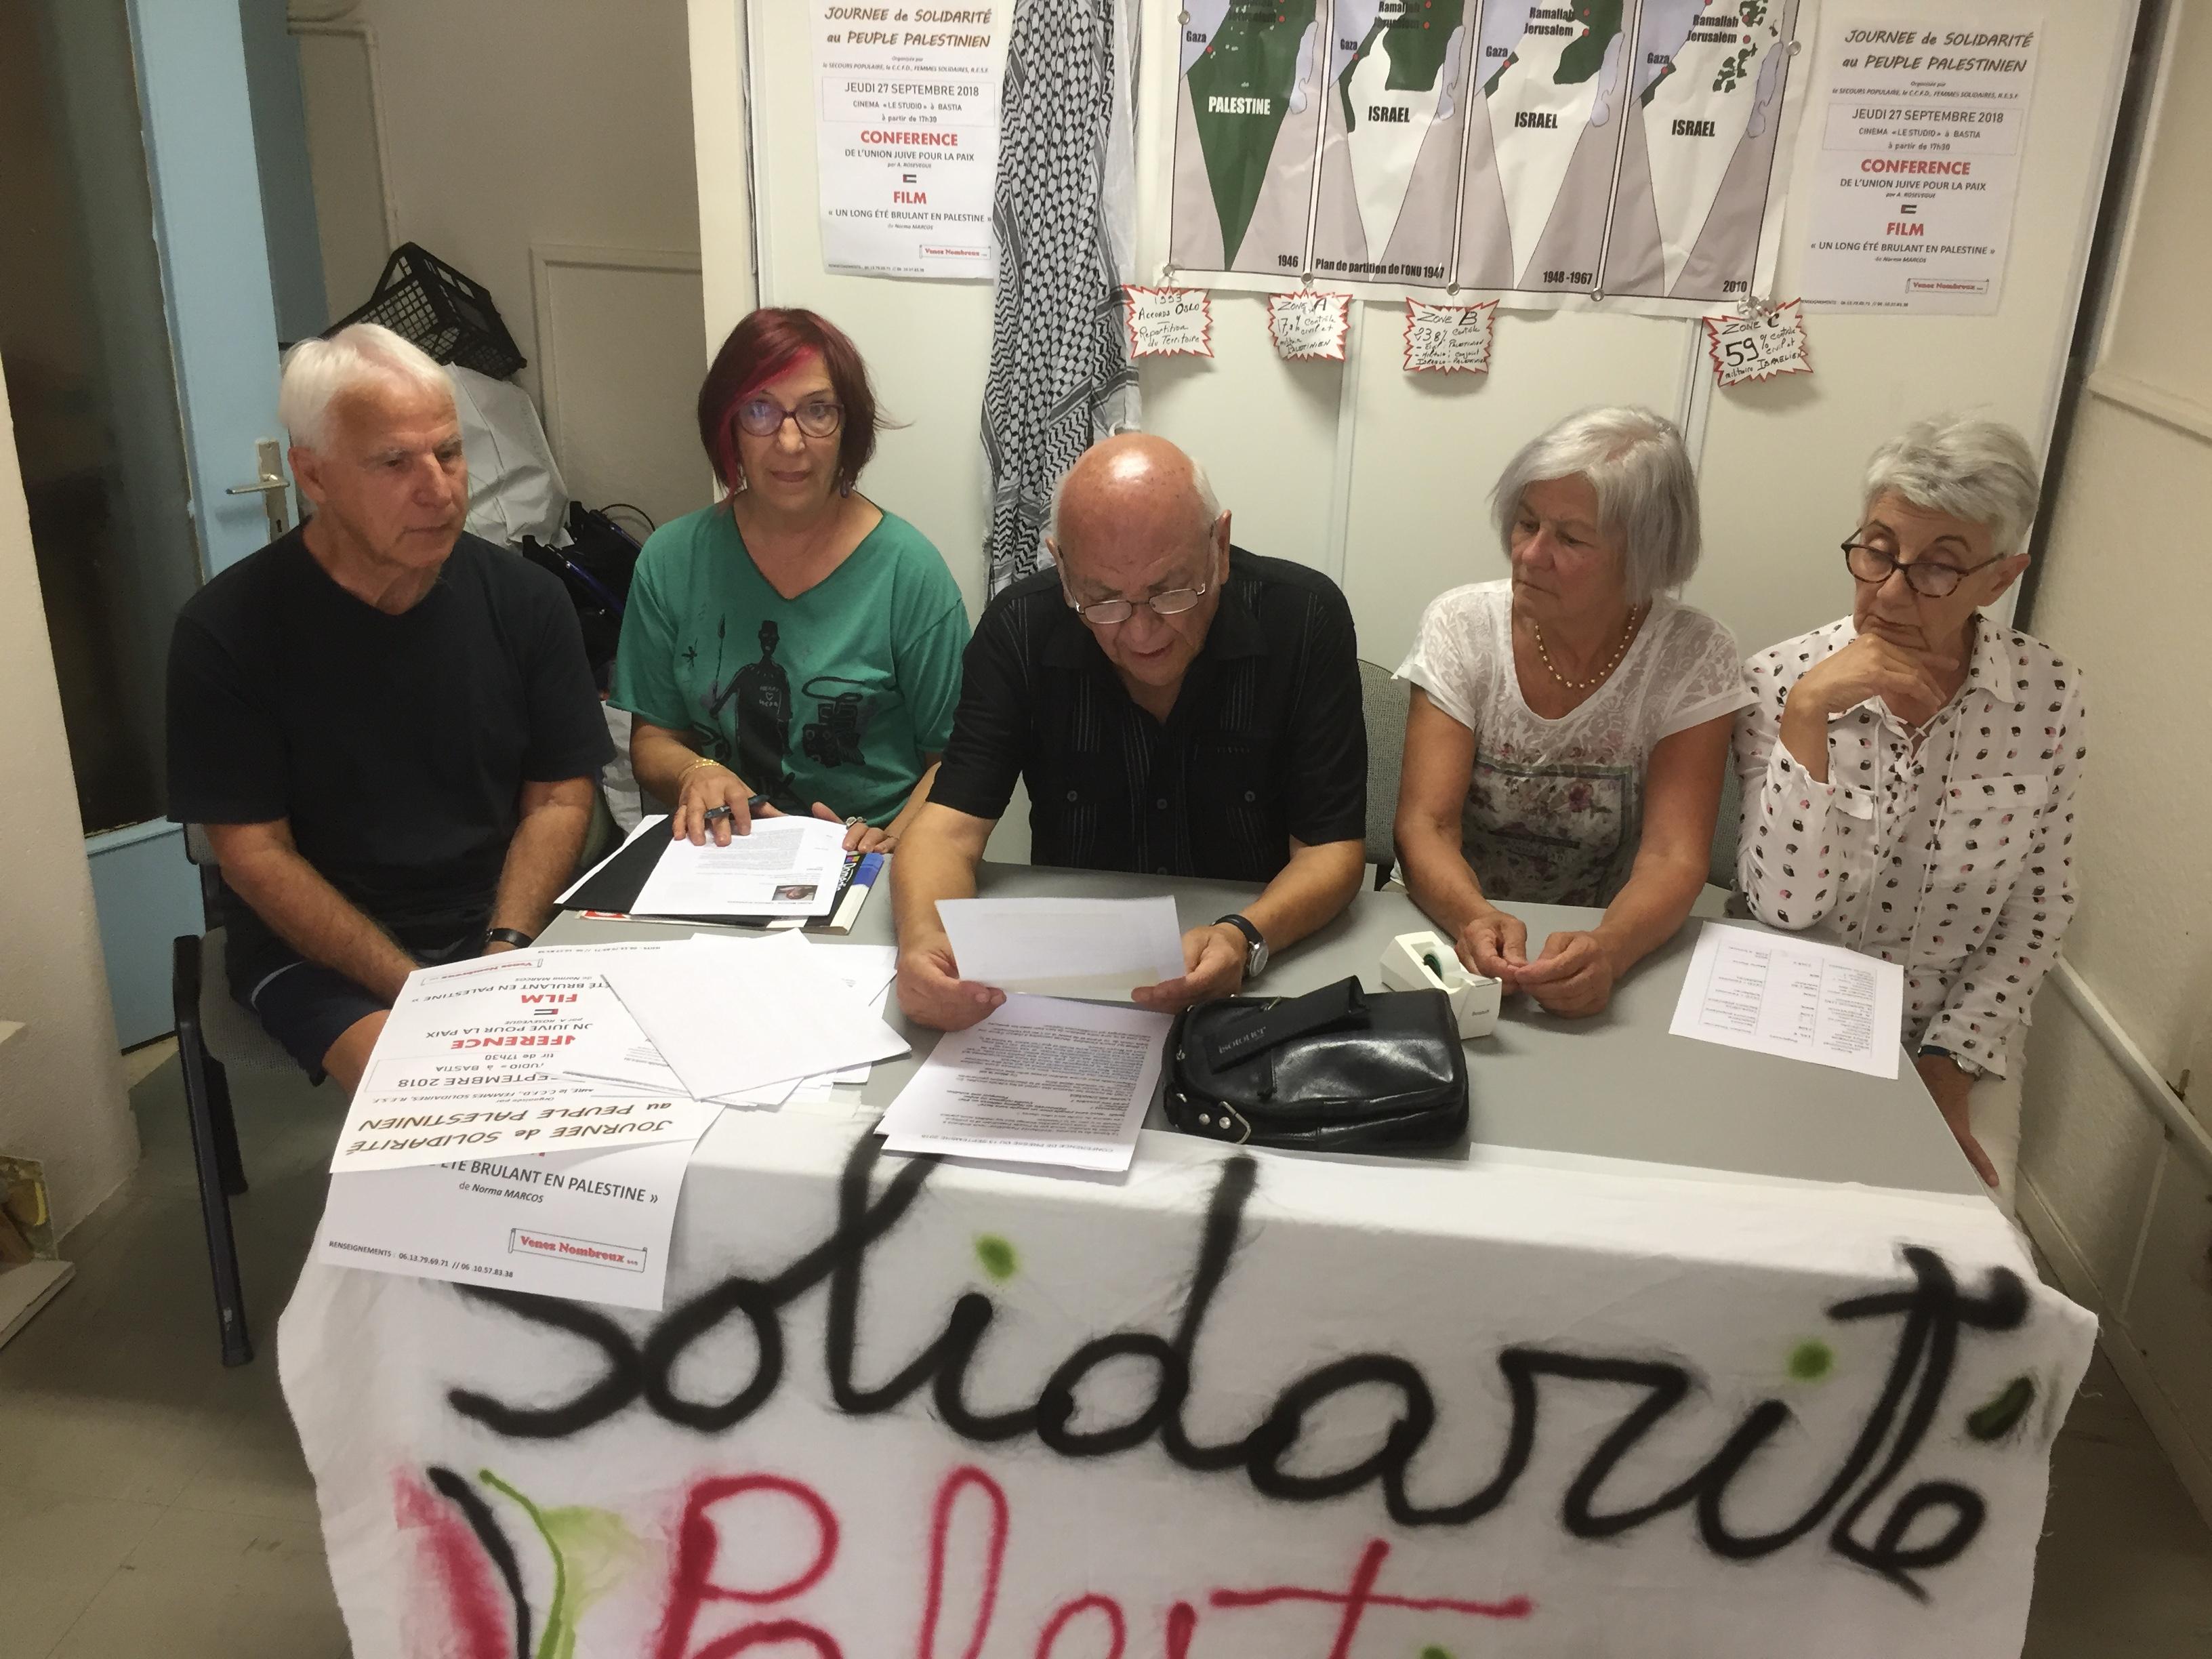 Les responsables des associations Secours Populaire,  Femmes Solidaires, CCFD et RESF ont présenté la Journée de solidarité au peuple Palestinien